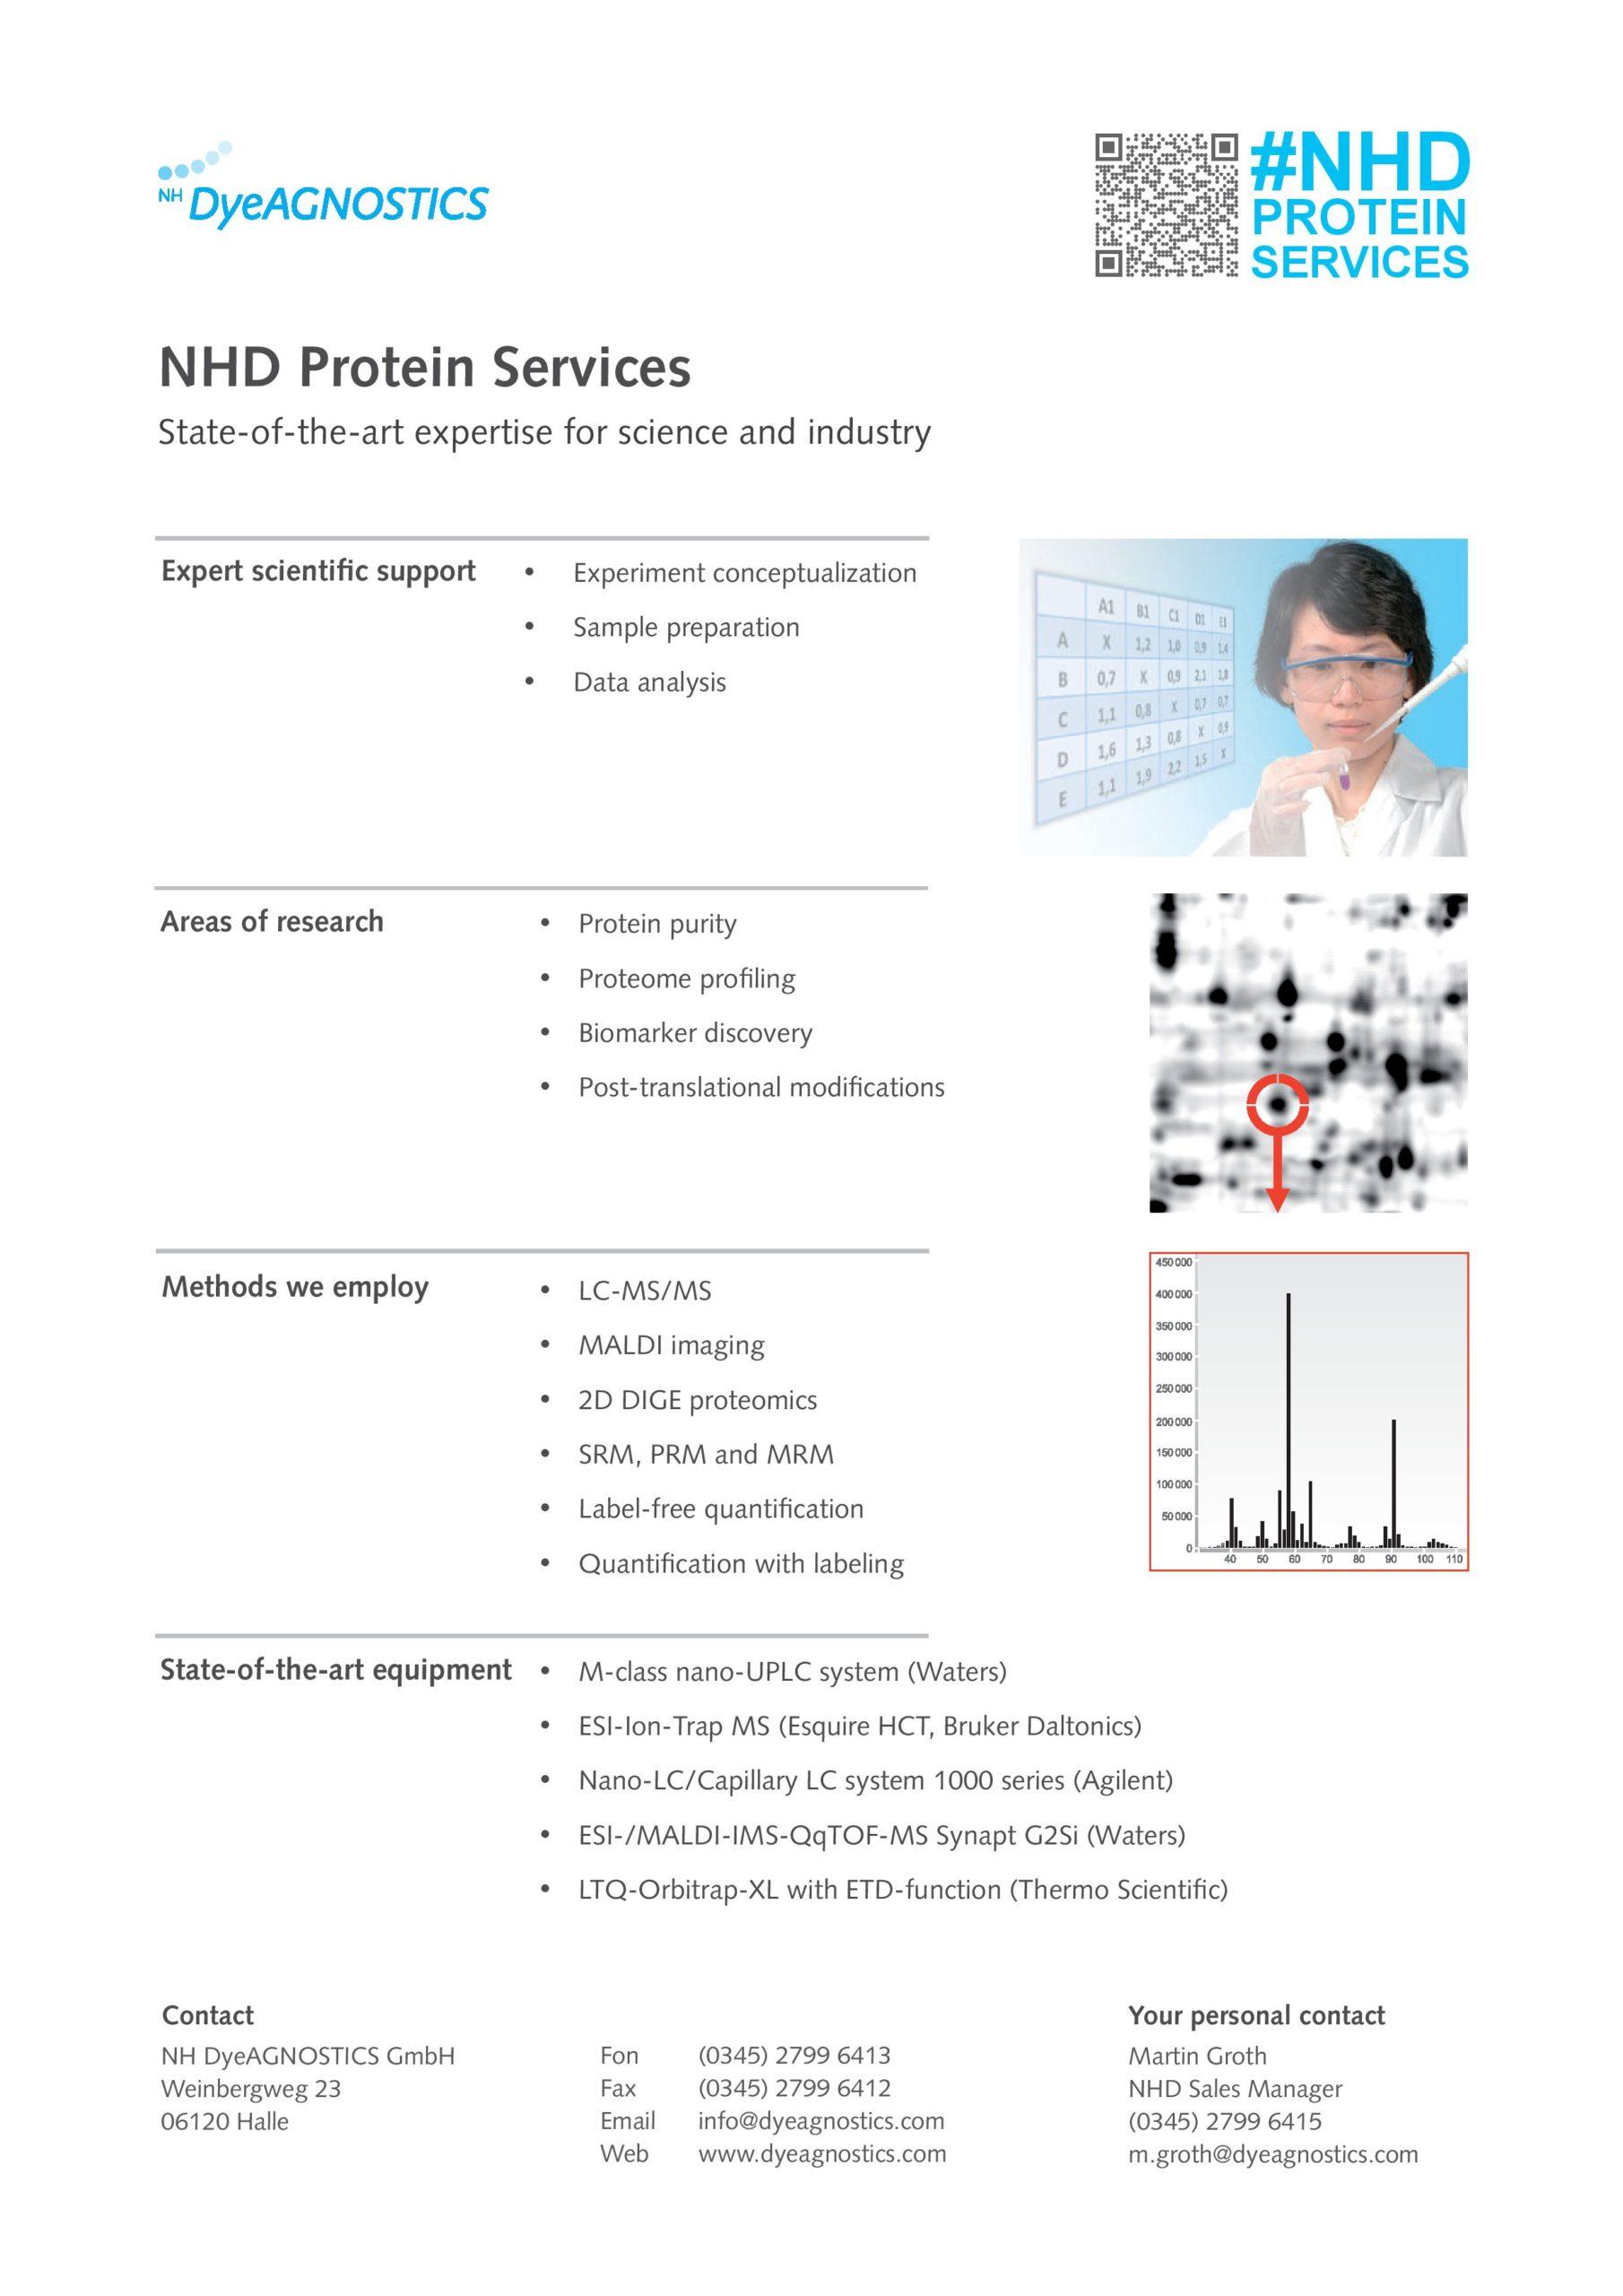 Bild Maßgeschneiderte Proteomics Dienstleitungen